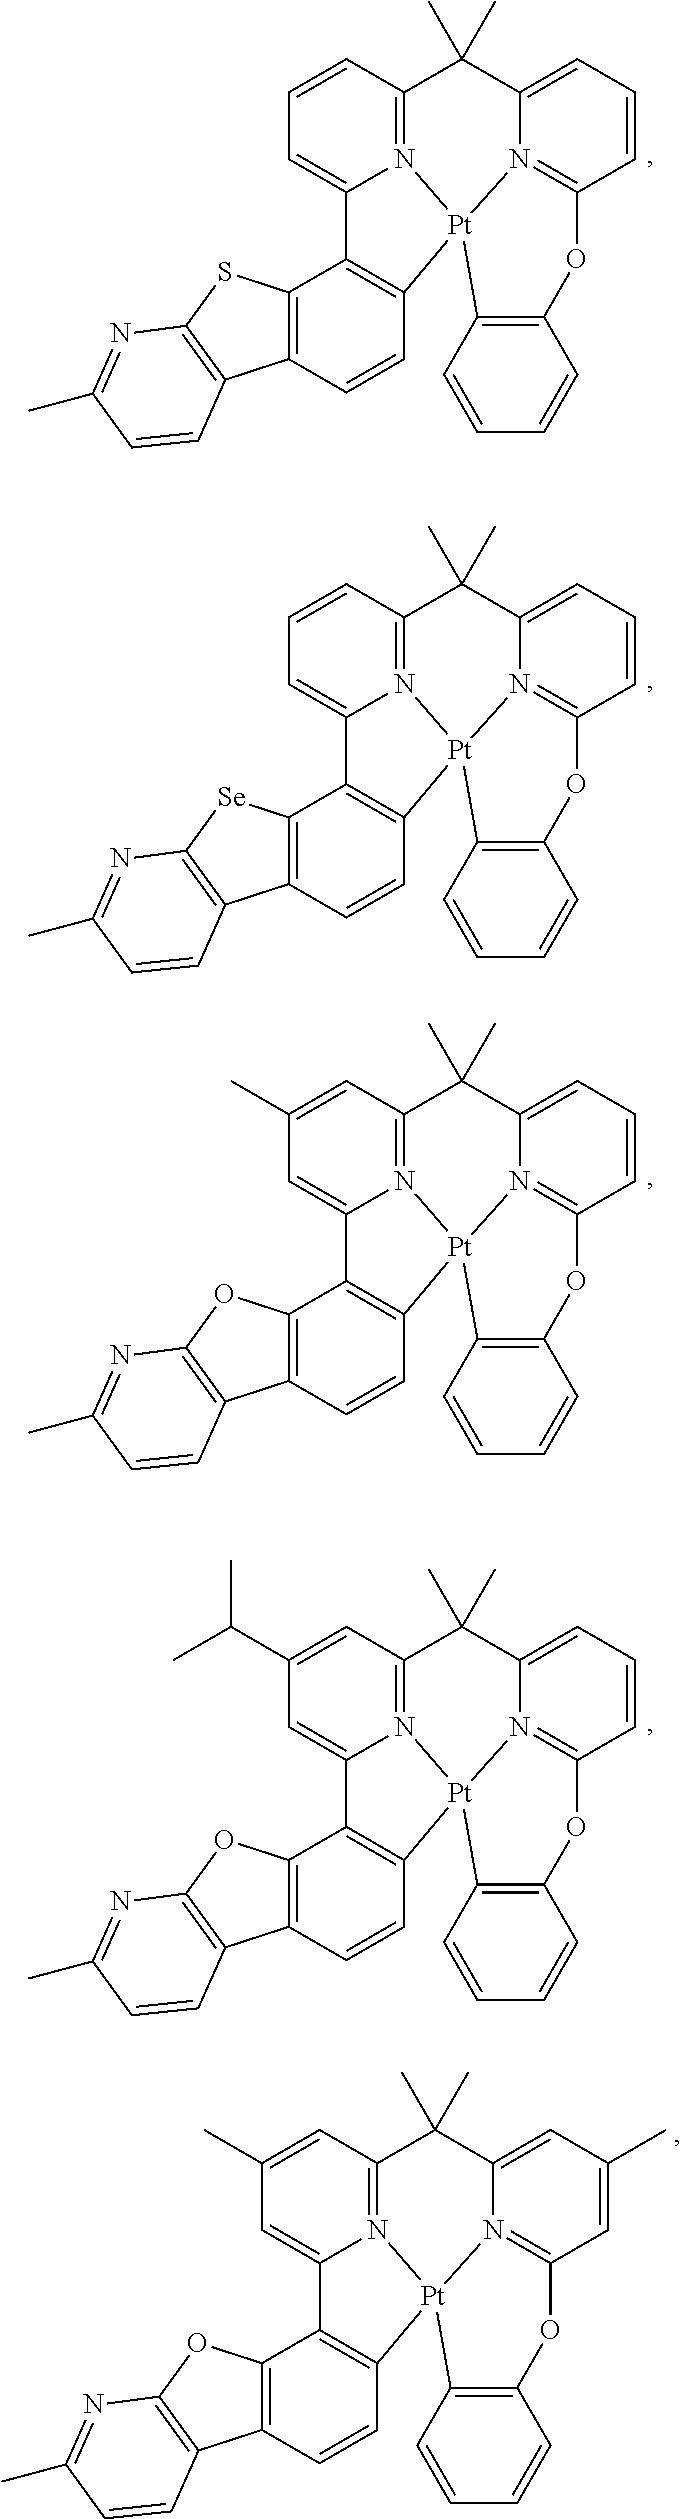 Figure US09871214-20180116-C00292